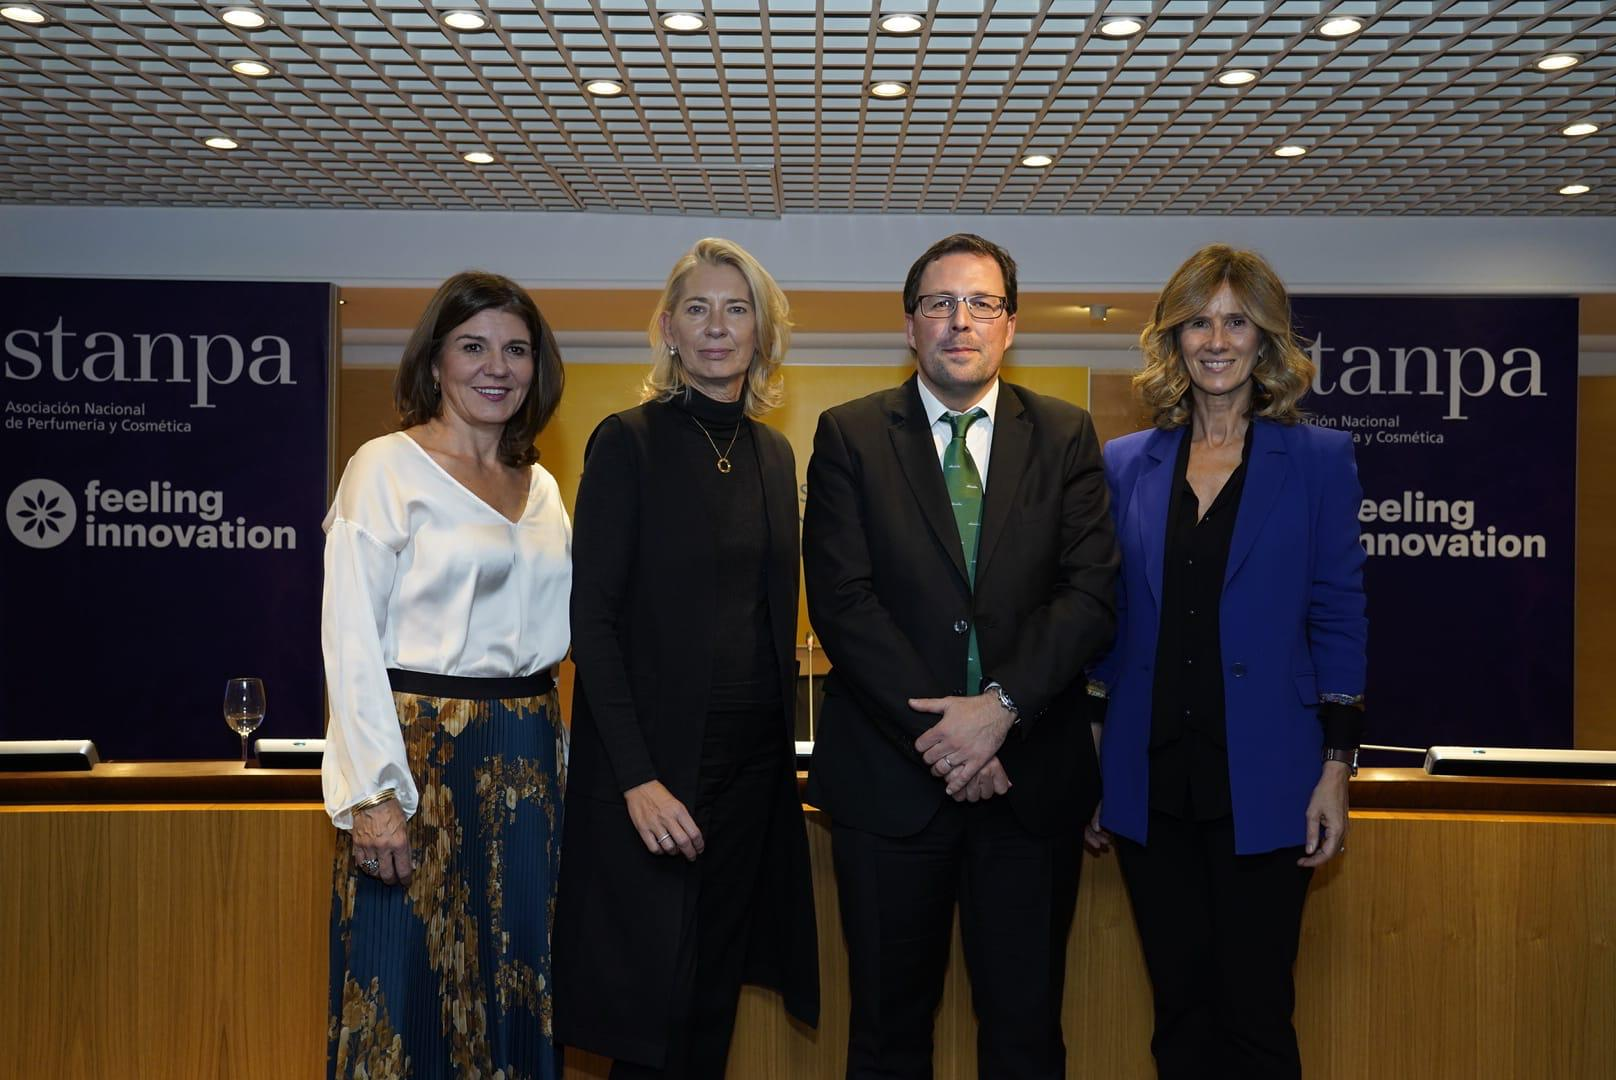 Val Díez, Verónica Fisas, Raúl Blanco y Cristina Garmendia, en la presentación de Feeling Innovation, proyecto de Stanpa.